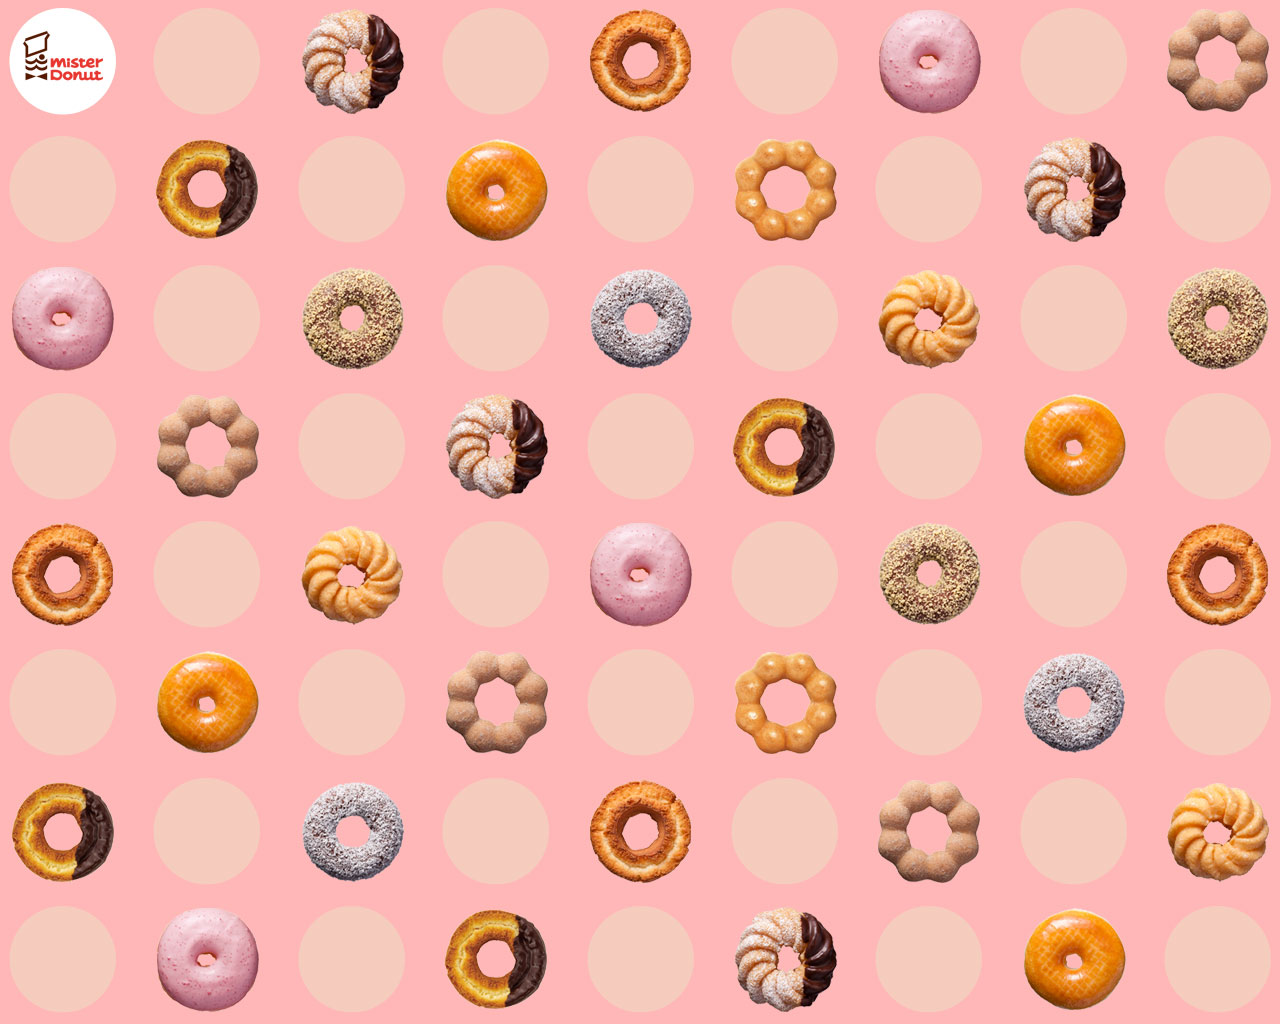 wp_donut2_1280.jpg